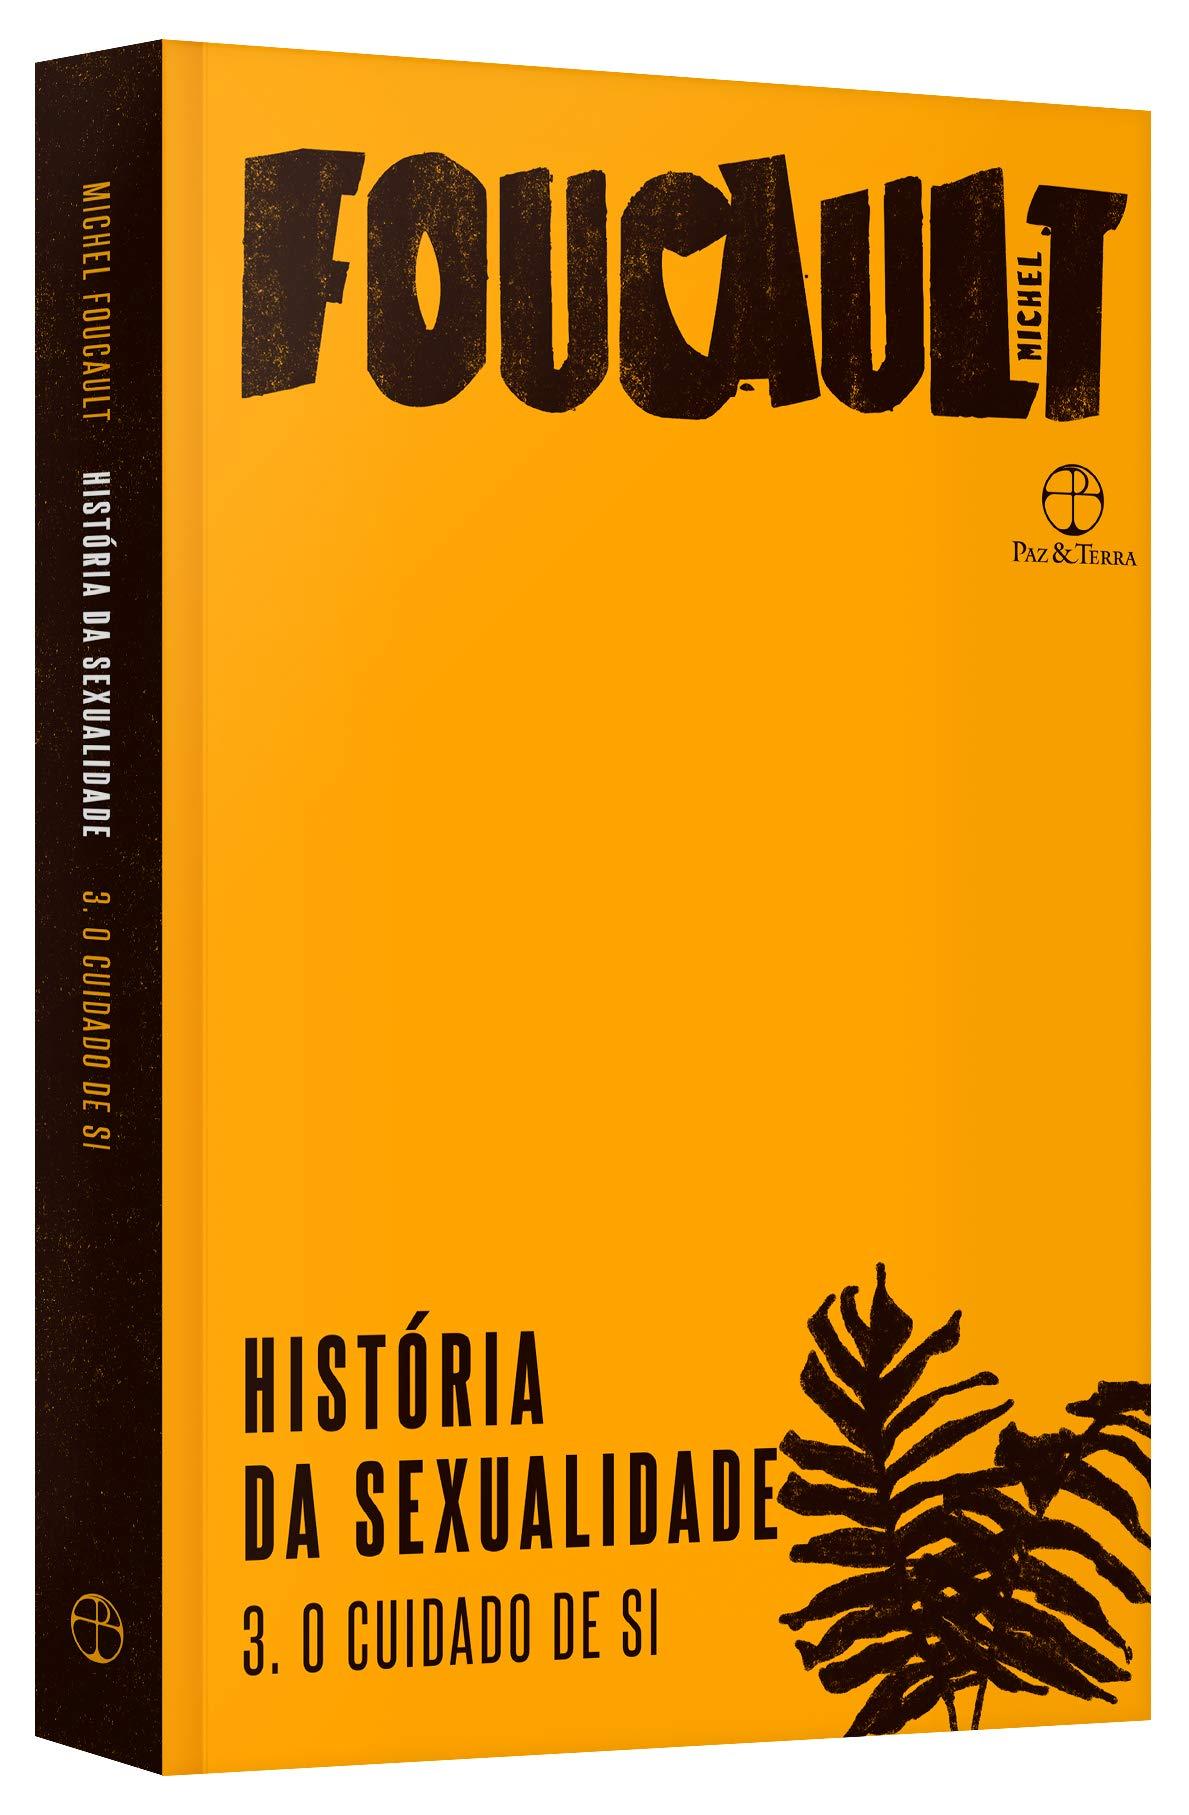 HISTORIA DA SEXUALIDADE - VOL 3